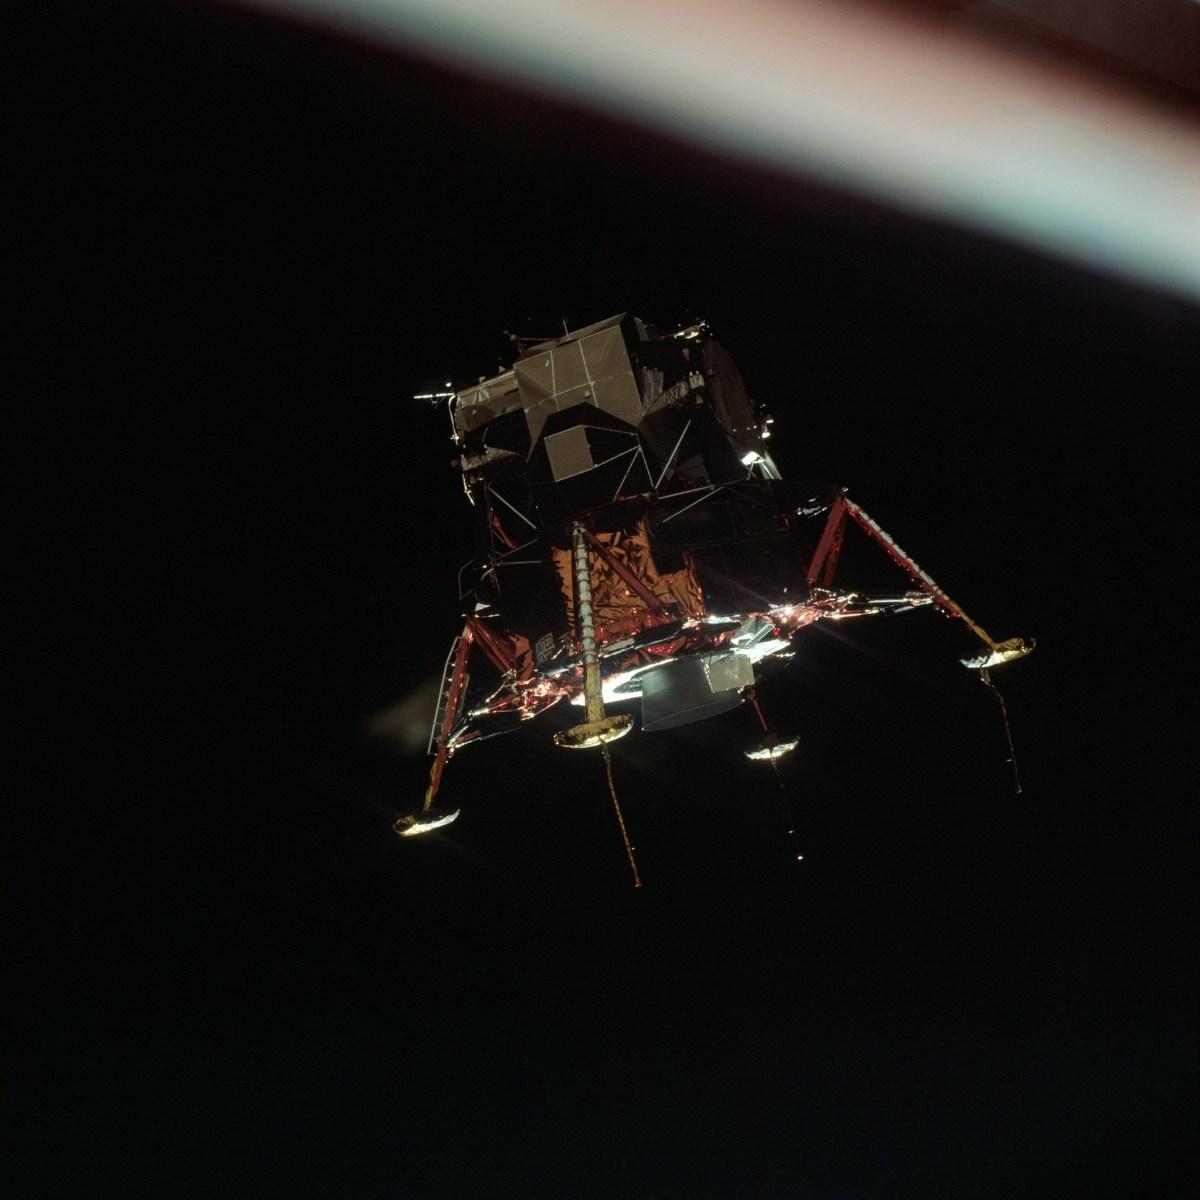 Apollo 11, module lunaire (LM) en configuration atterrissage lunaire, en orbite lunaire du module de commande et service (CSM) © NASA - as11-44-6581 - 20 Juillet 1969